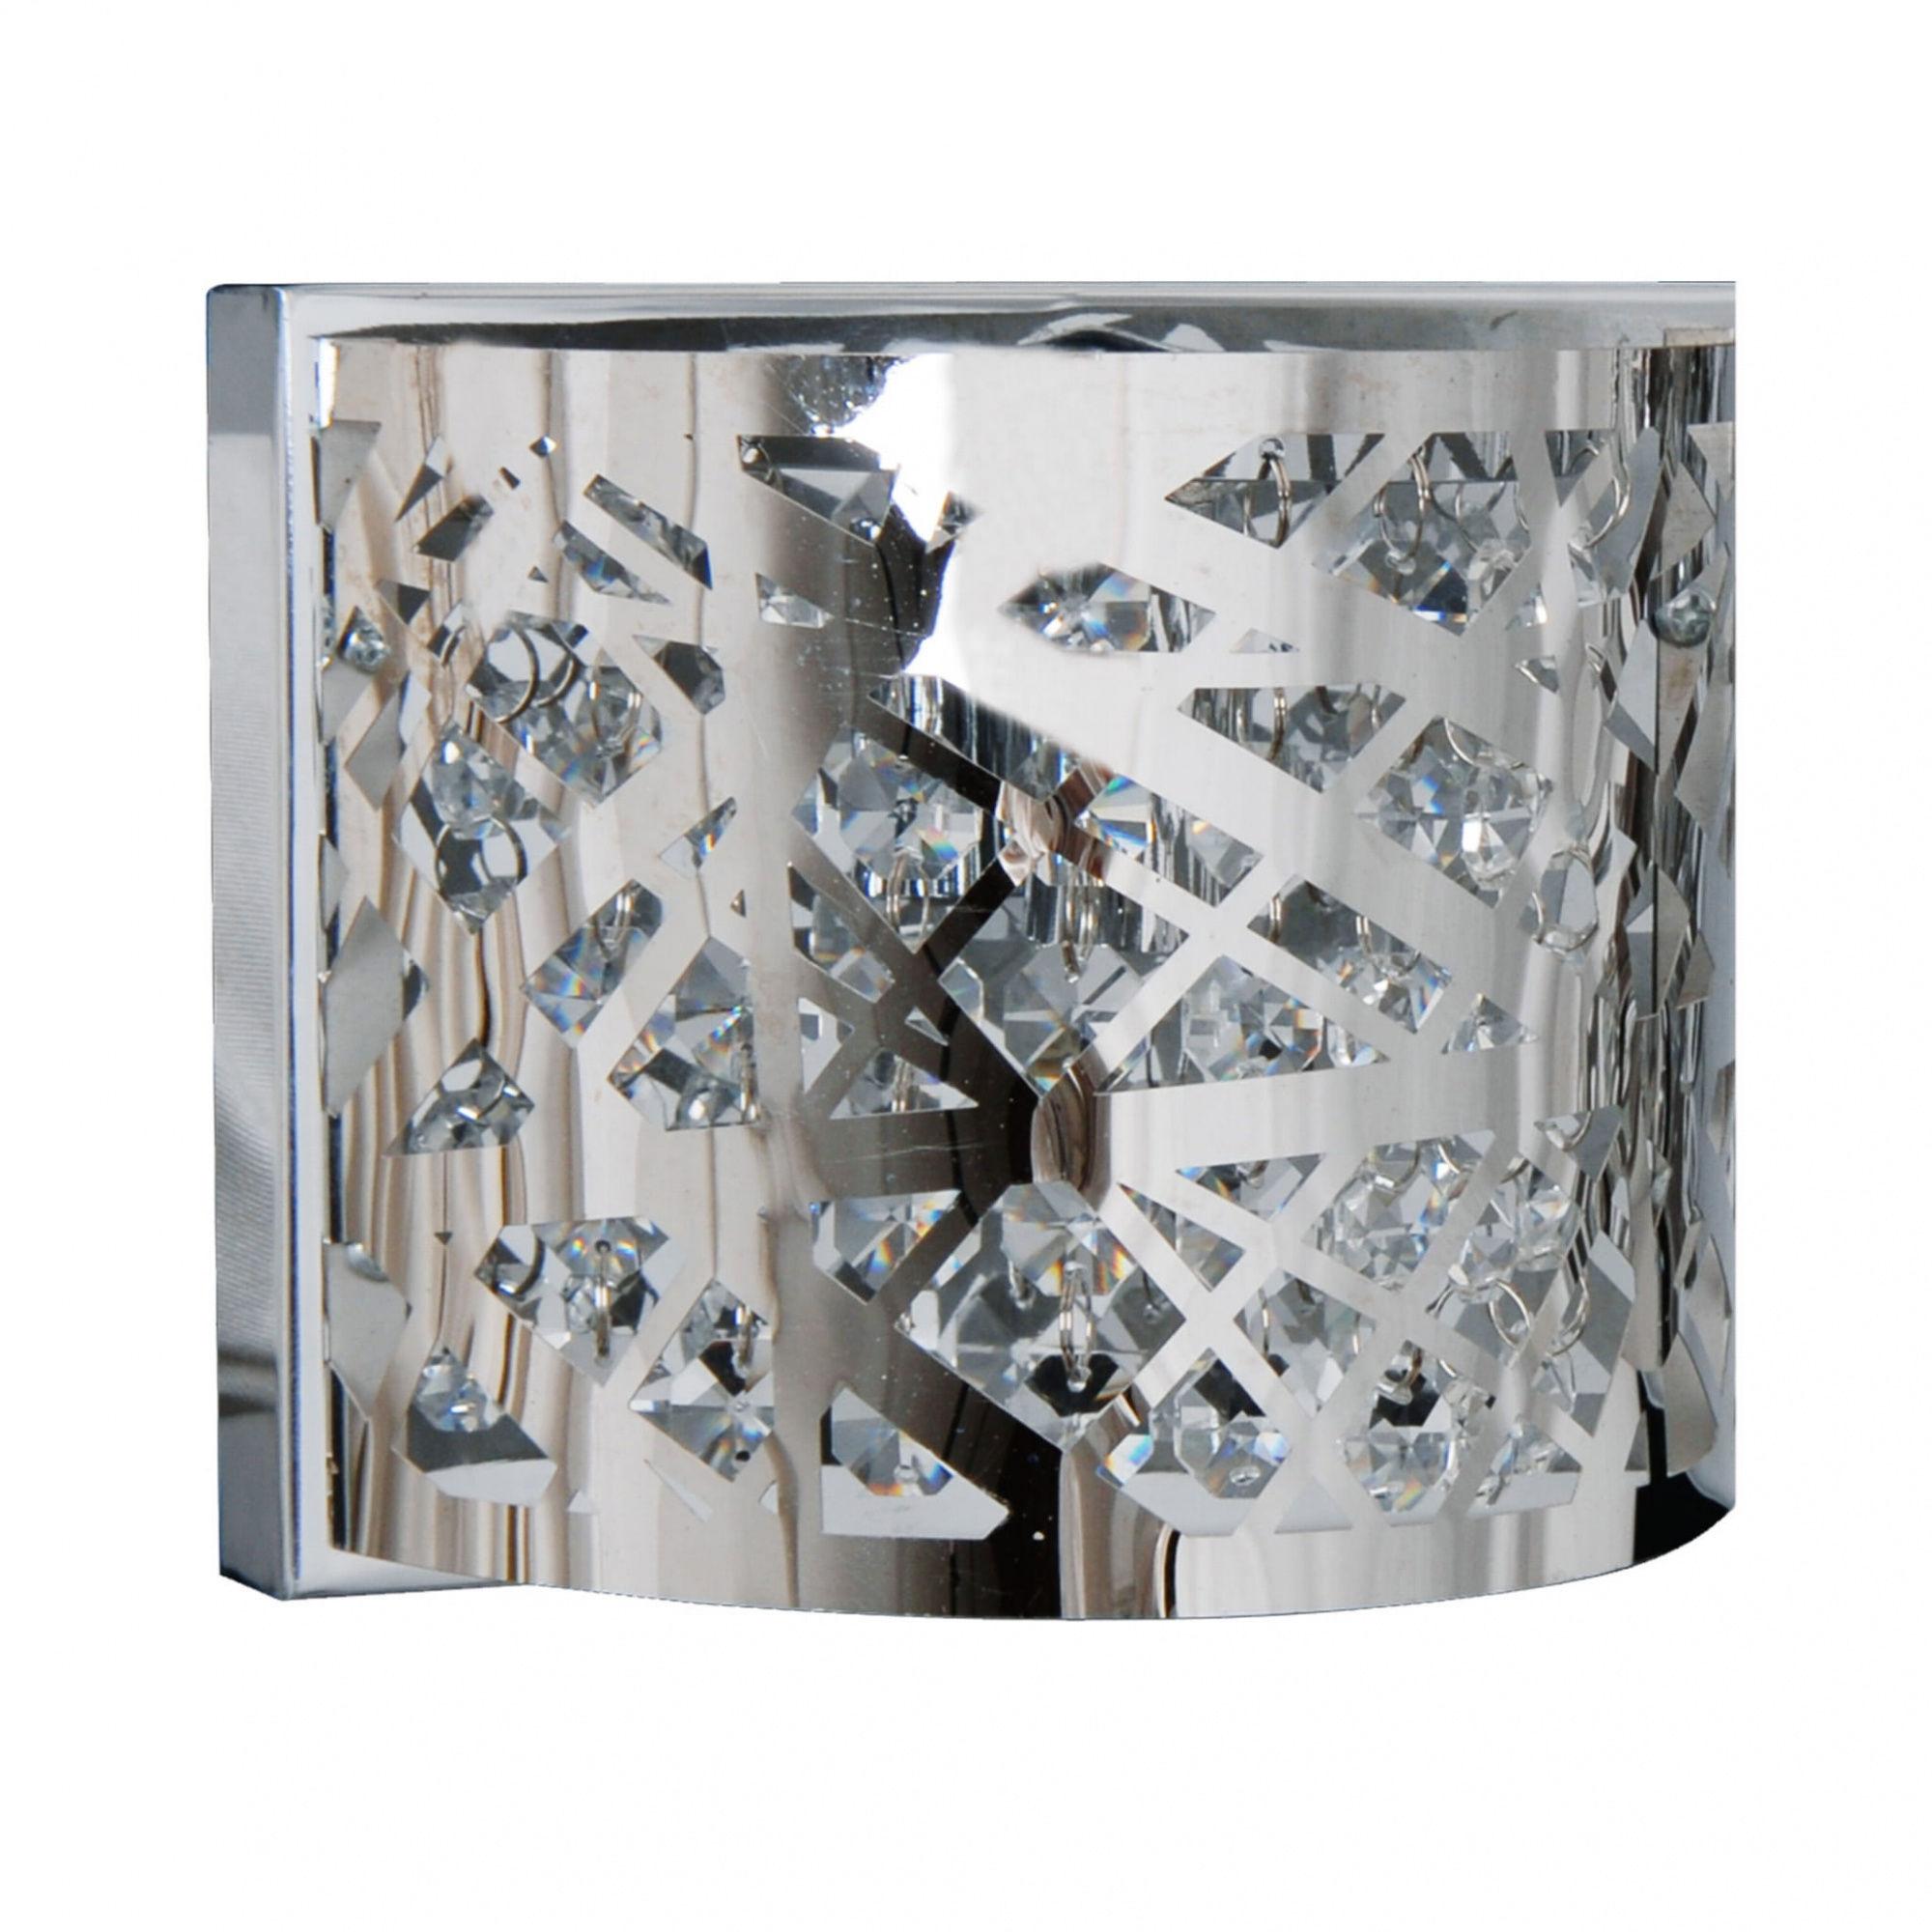 Kinkiet Kair LP-3980/1W Light Prestige kryształowa lampa ścienna w kolorze srebrnym